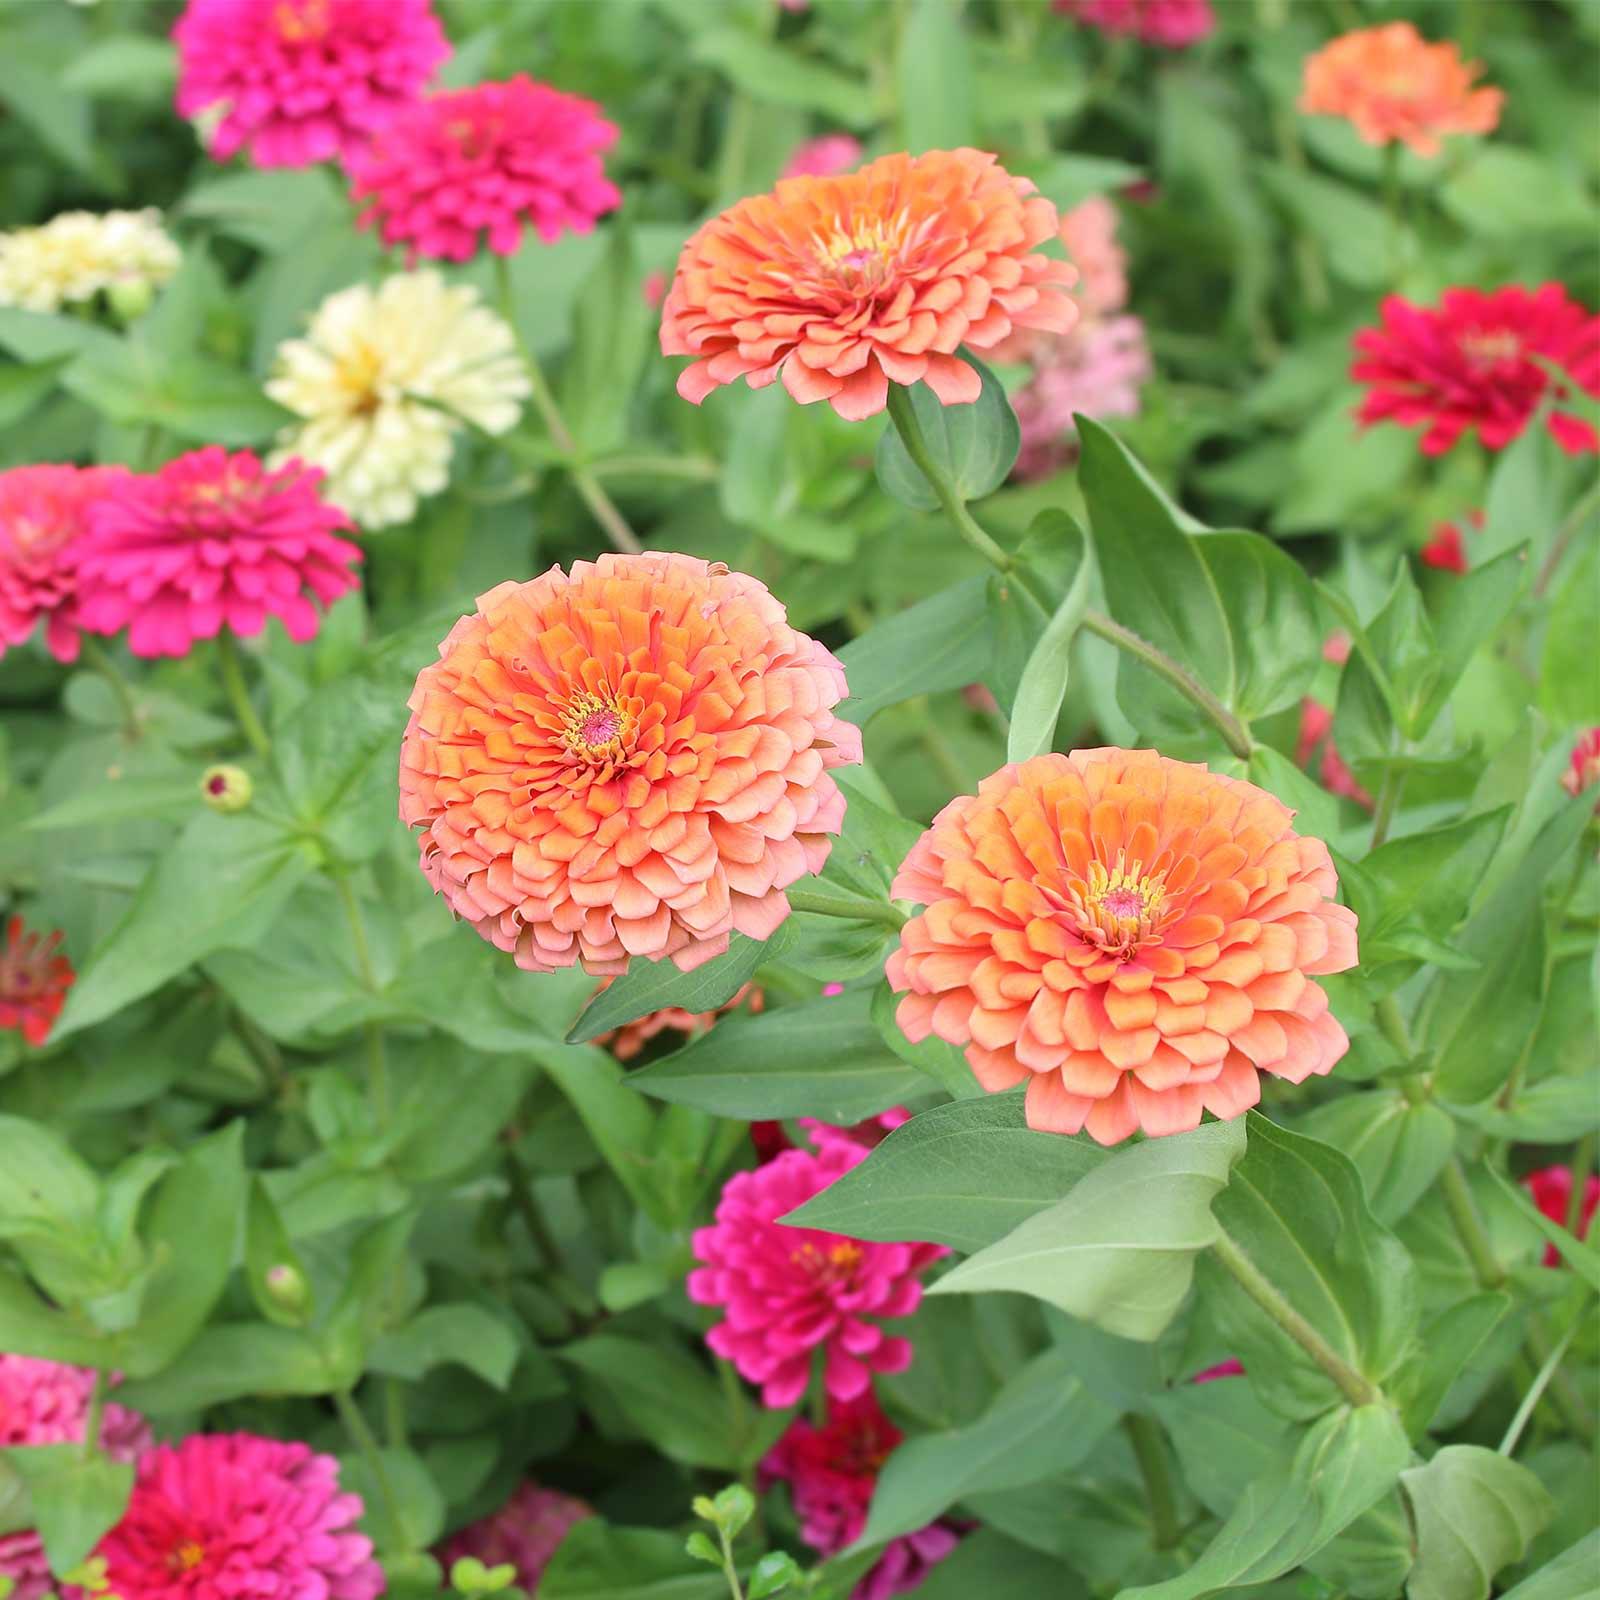 Zinnia Flower Garden Seeds Dreamland Mixture Orange 100